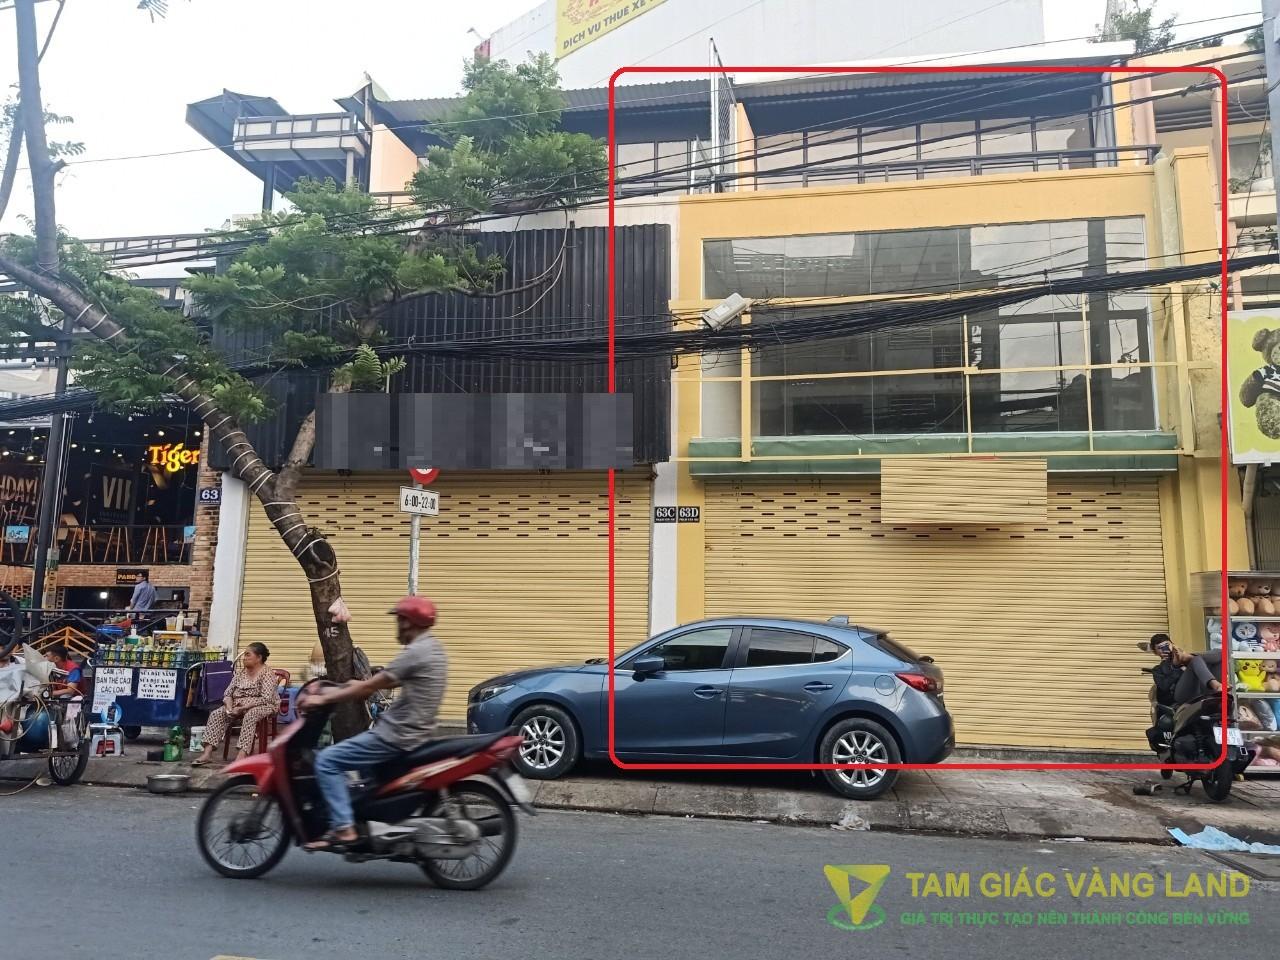 Cho thuê nhà mặt tiền đường Phạm Văn Hai, Phường 3, Quận Tân Bình, DT 6x15m, 1 trệt 2 lầu, Giá 65 triệu/tháng